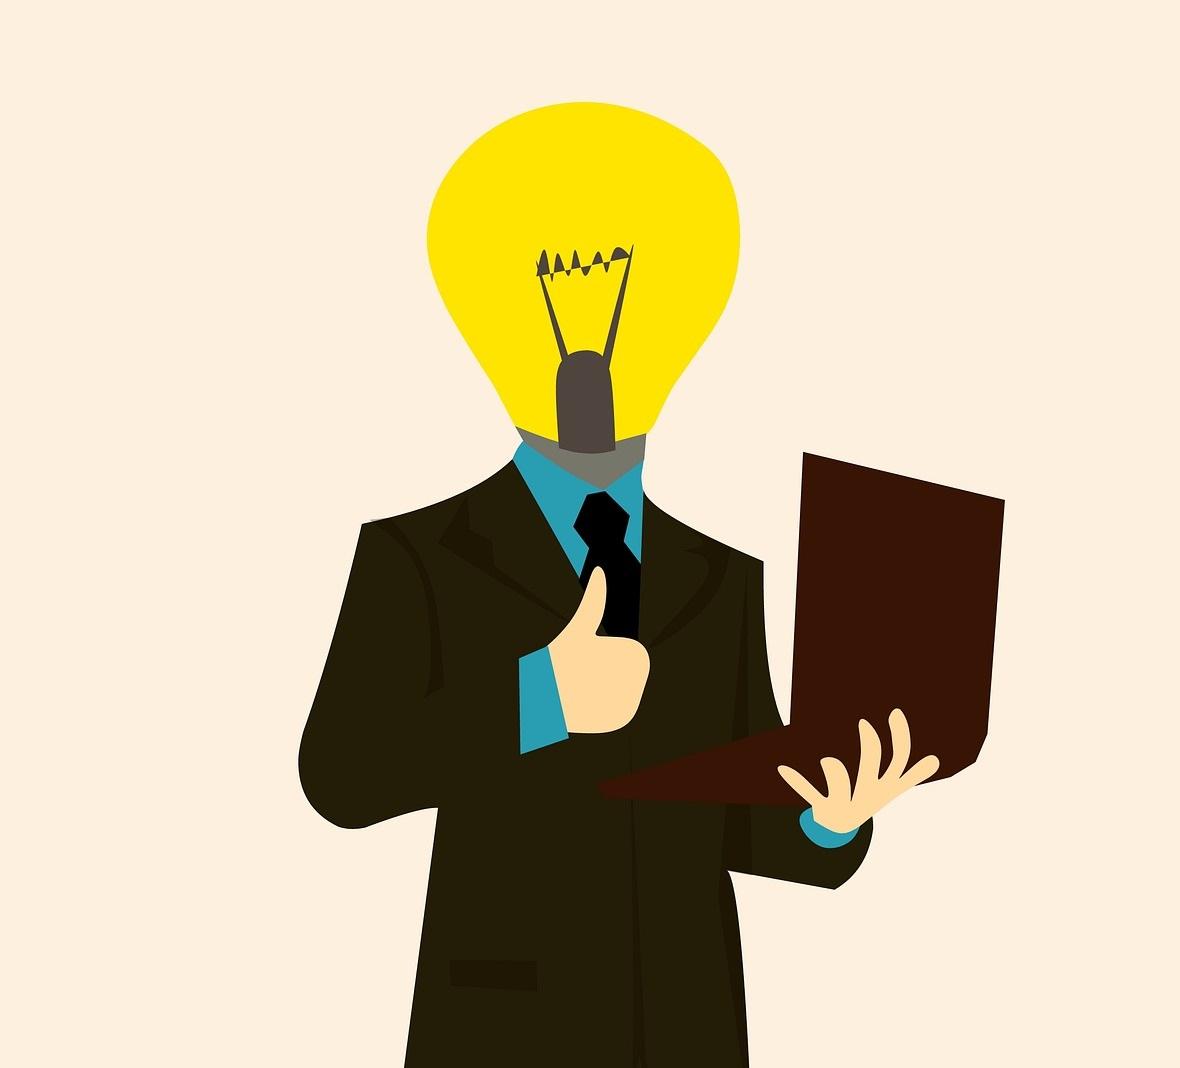 Energie opwekken, hoe regel je dat? Online kennissessie voor lokale energie-initiatieven